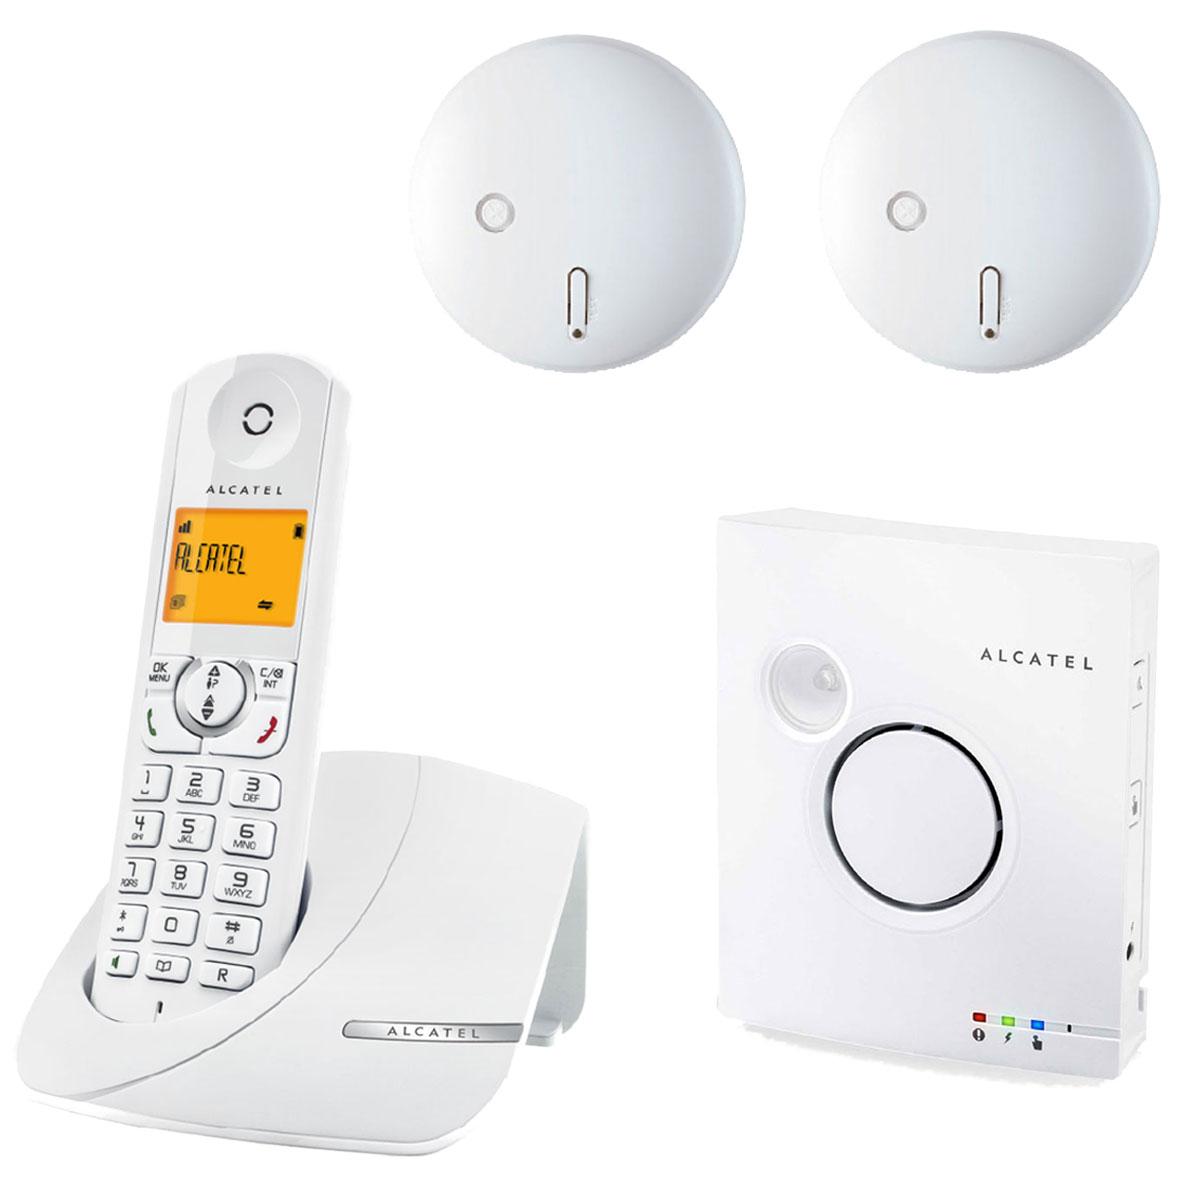 alcatel phone alert incendie alcatel d tecteur de fum e centrale multifonction alcatel sur. Black Bedroom Furniture Sets. Home Design Ideas